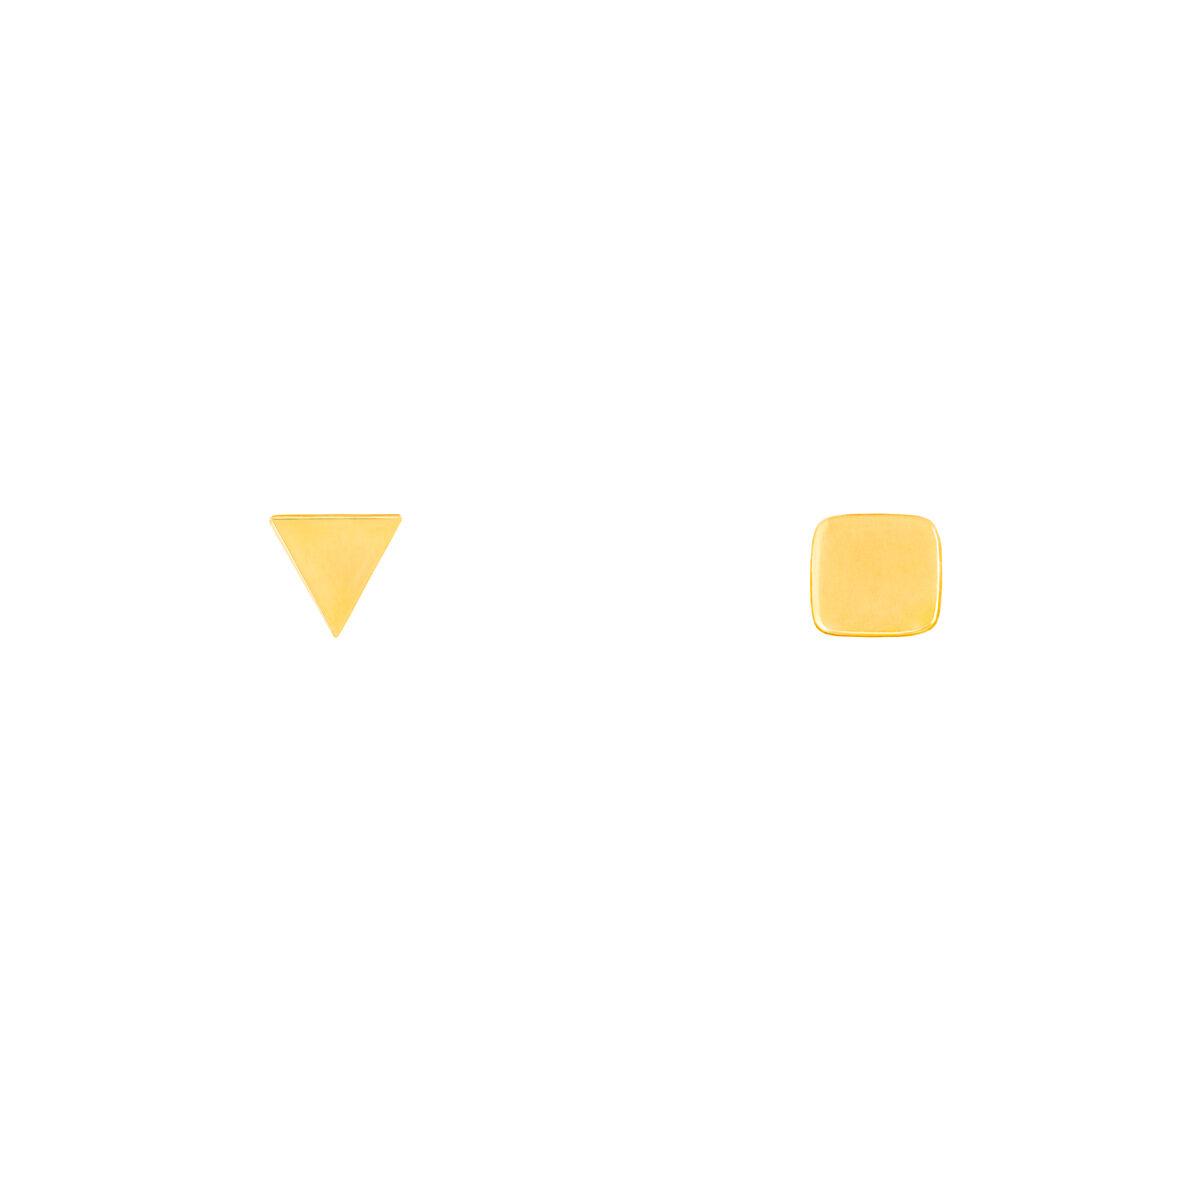 گوشواره طلا مربع و مثلث